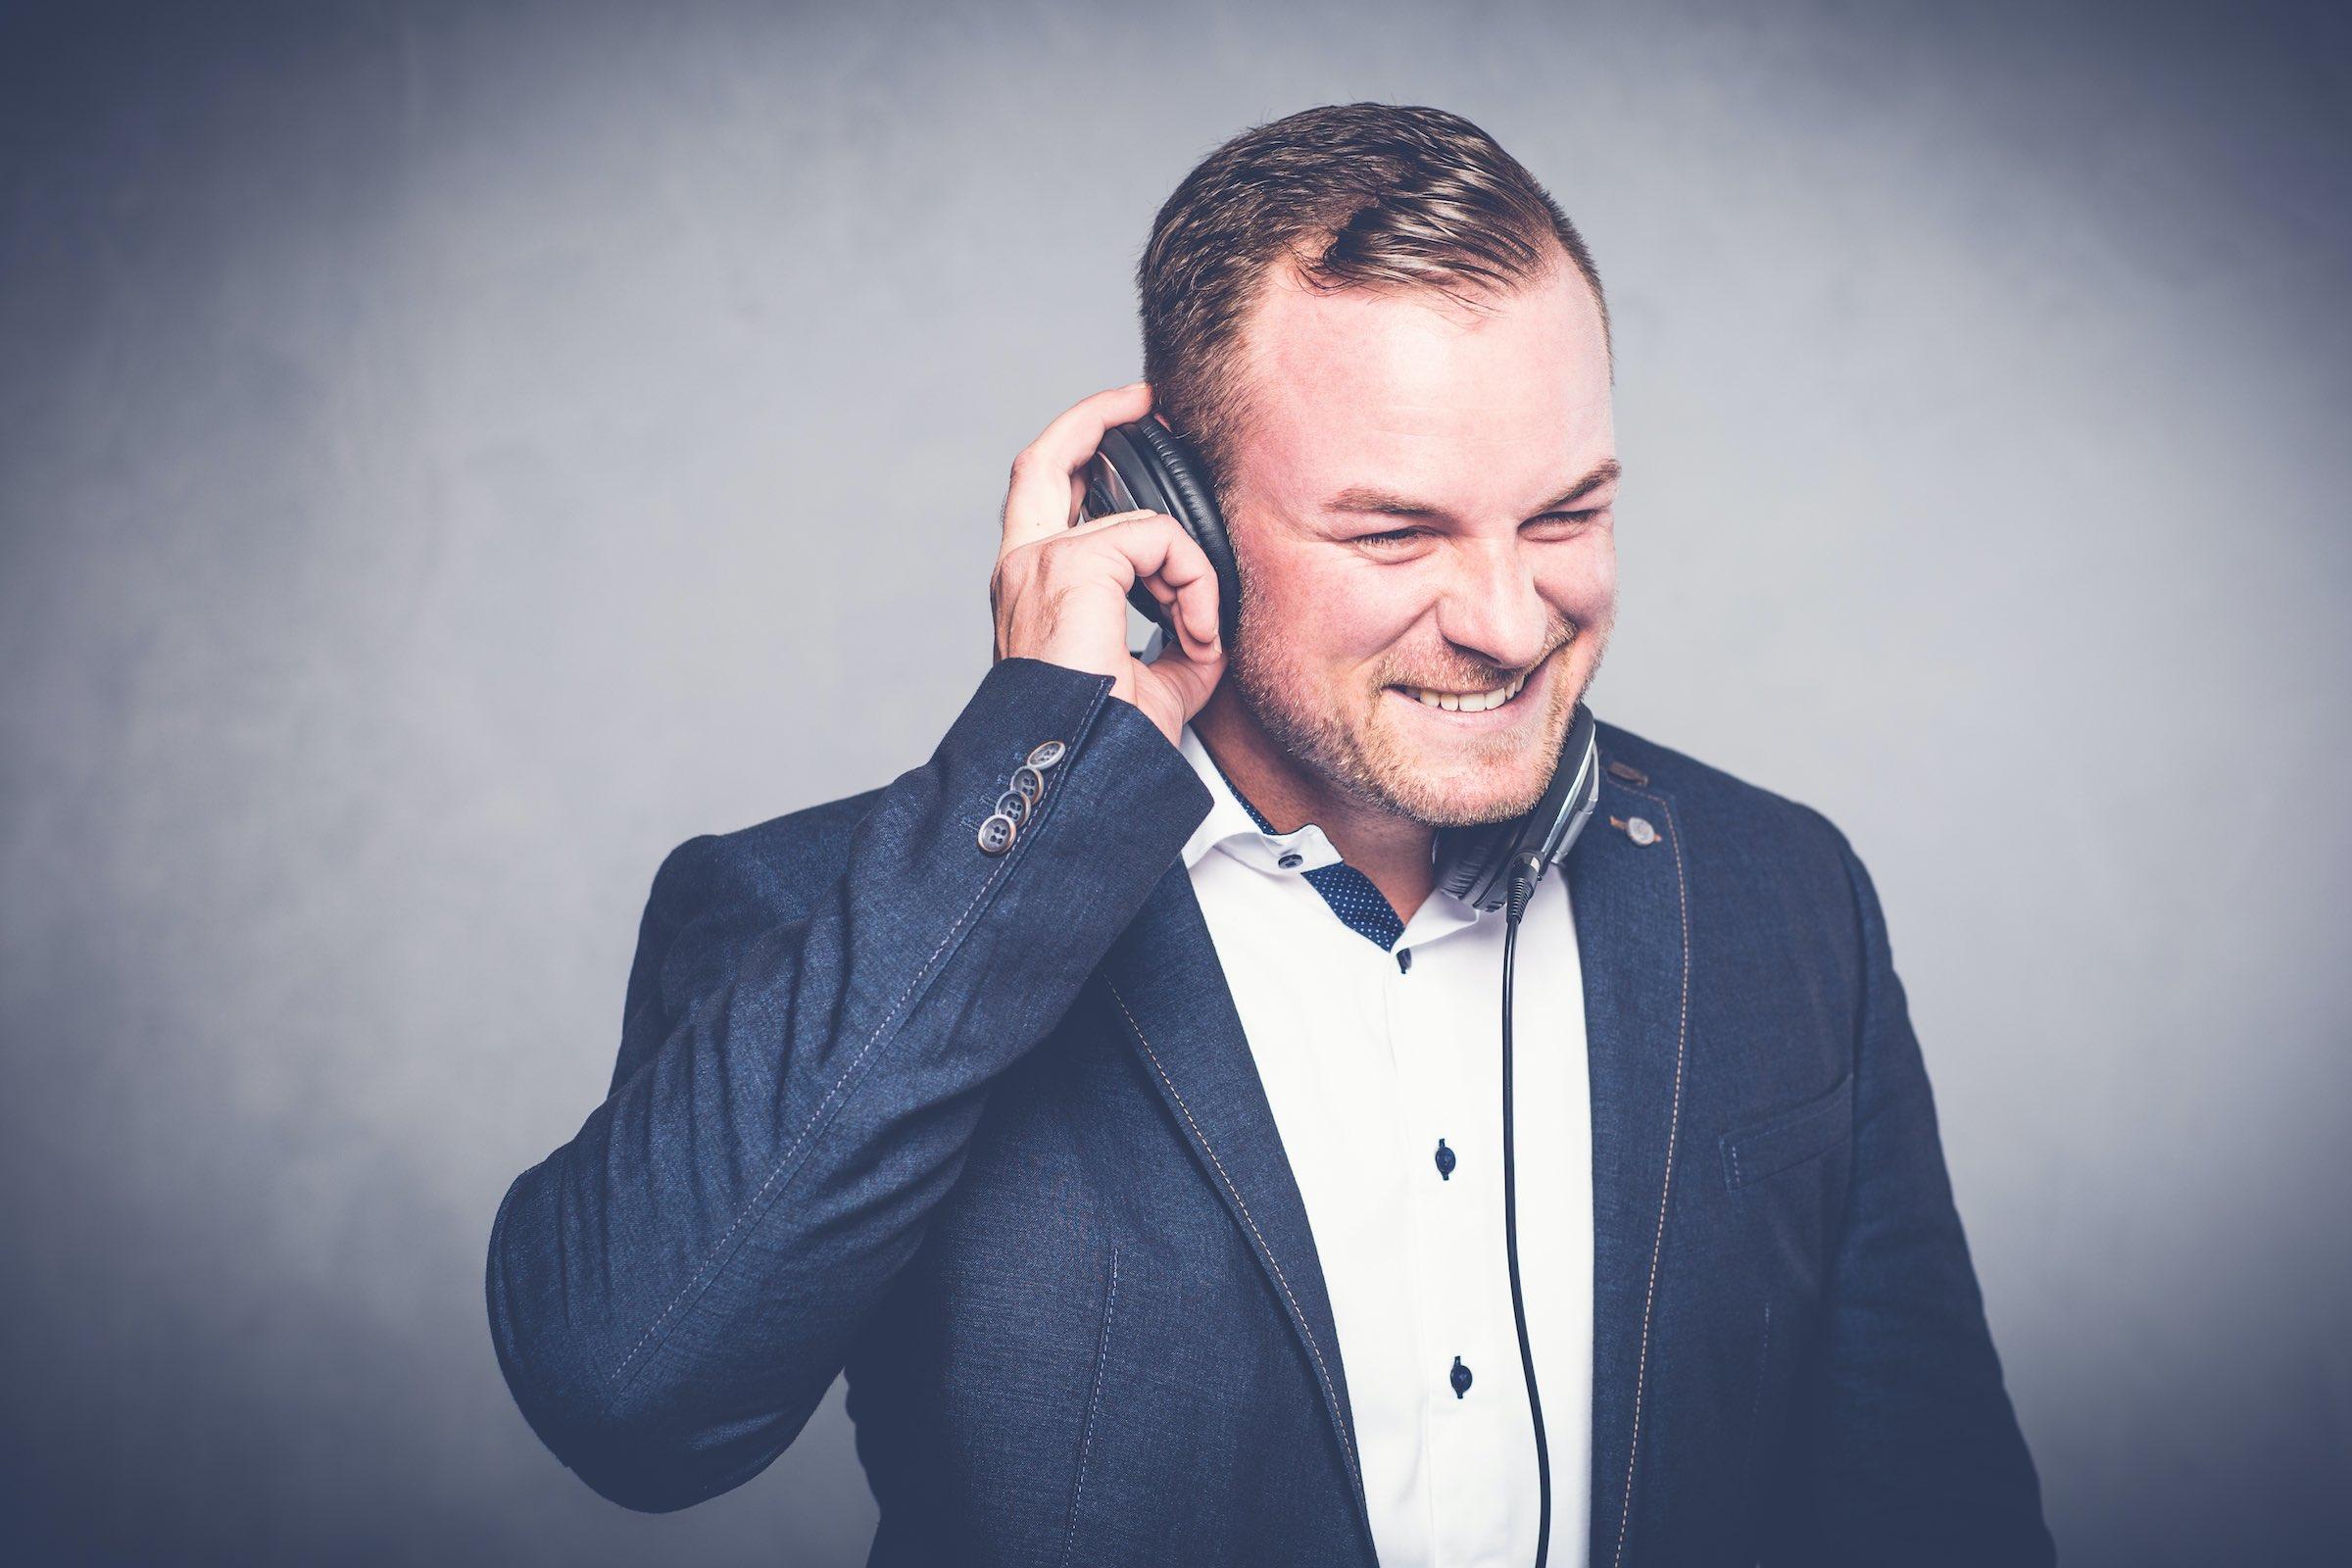 Hochzeits | DJ | Buchen | Hannover | Discjockey | Nils | Remme | Messe | DJ | Event | DJ | Geburtstag | DJ | Mieten | Anfragen | DJ | Agentur | Lehmann | Eventservice